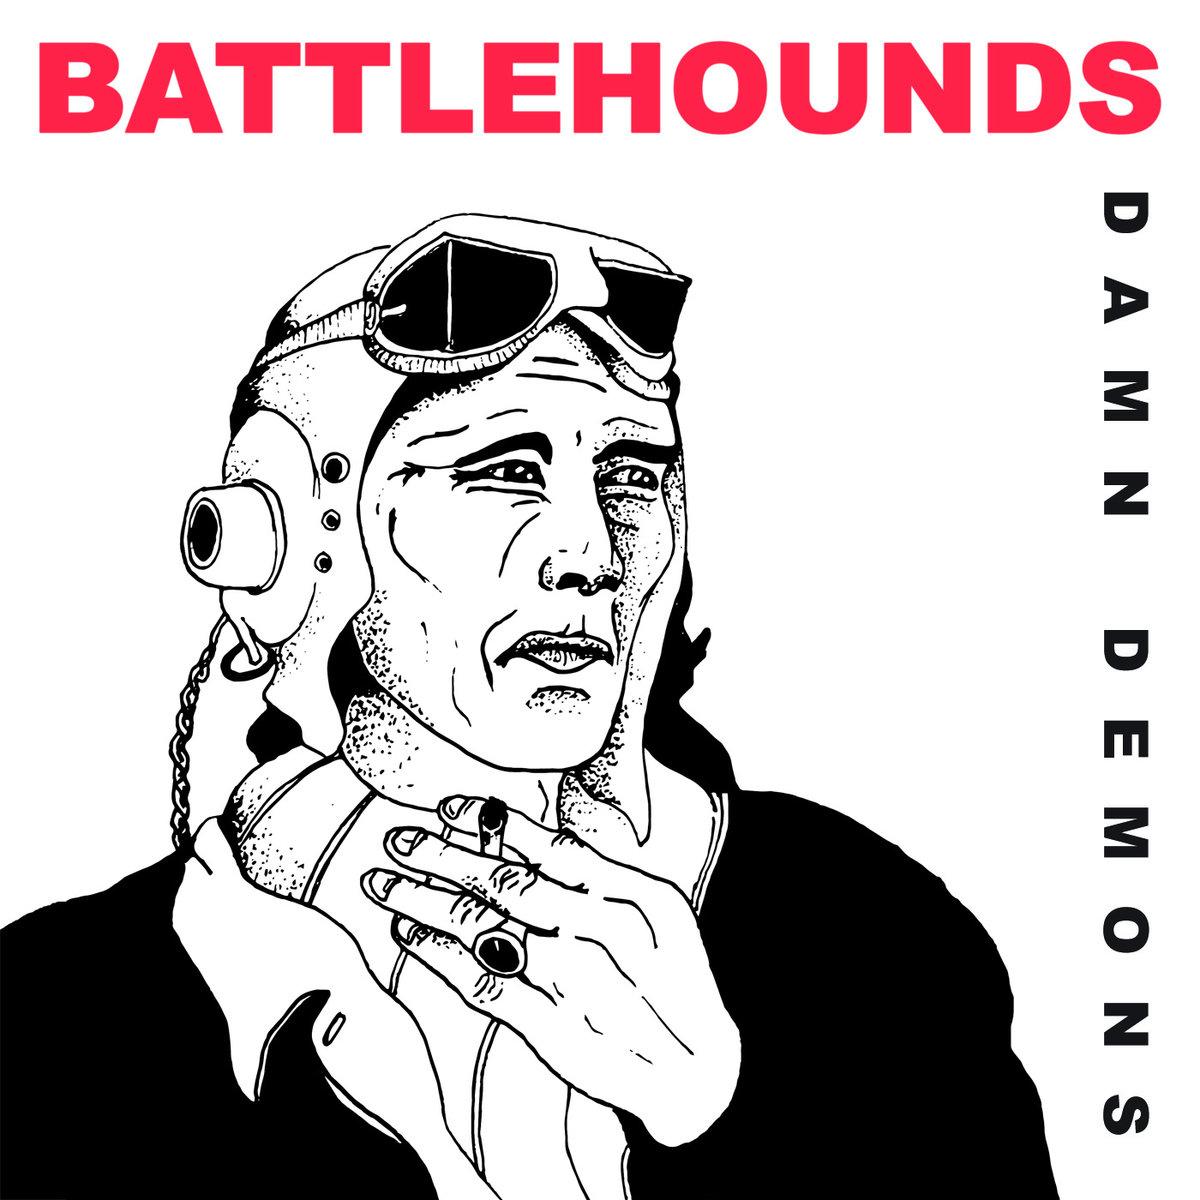 Battlehounds - Damn Demons 12